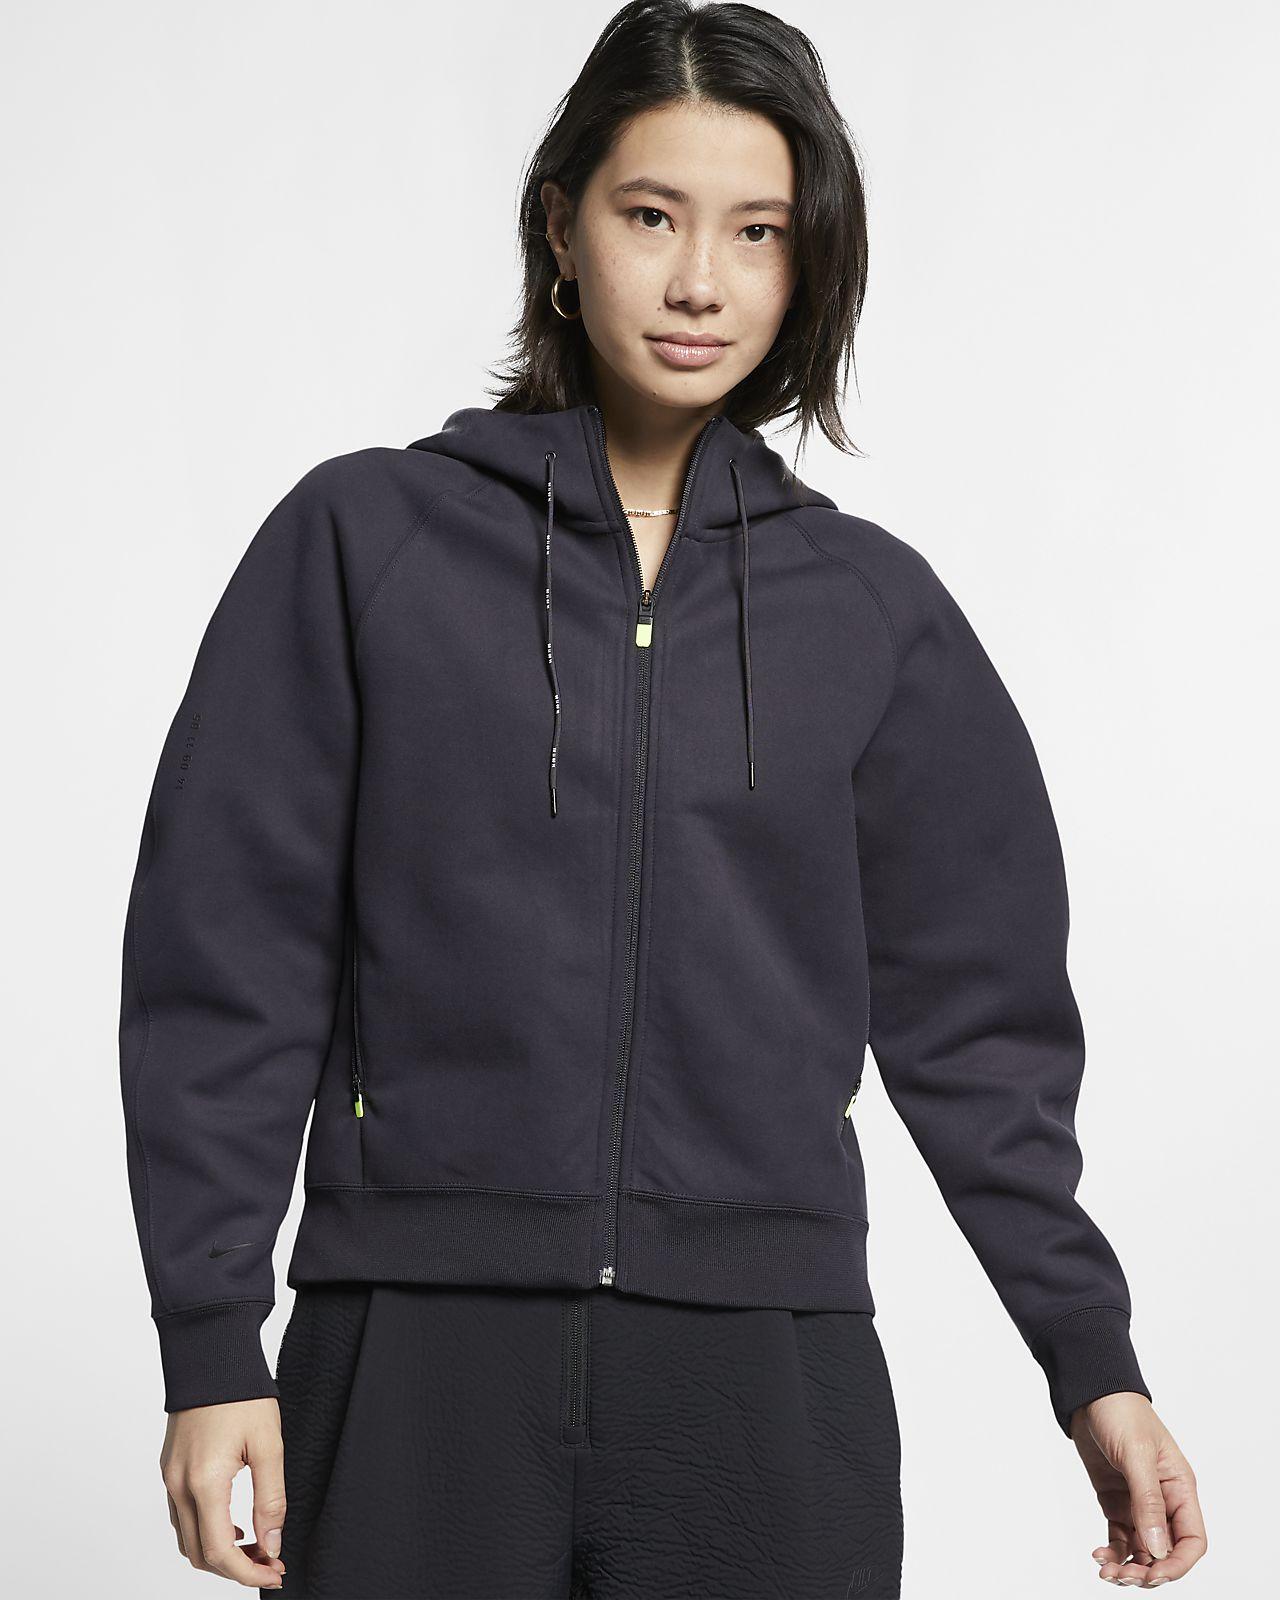 Sweat à capuche en tissu Fleece entièrement zippé Nike Sportswear Tech Pack pour Femme